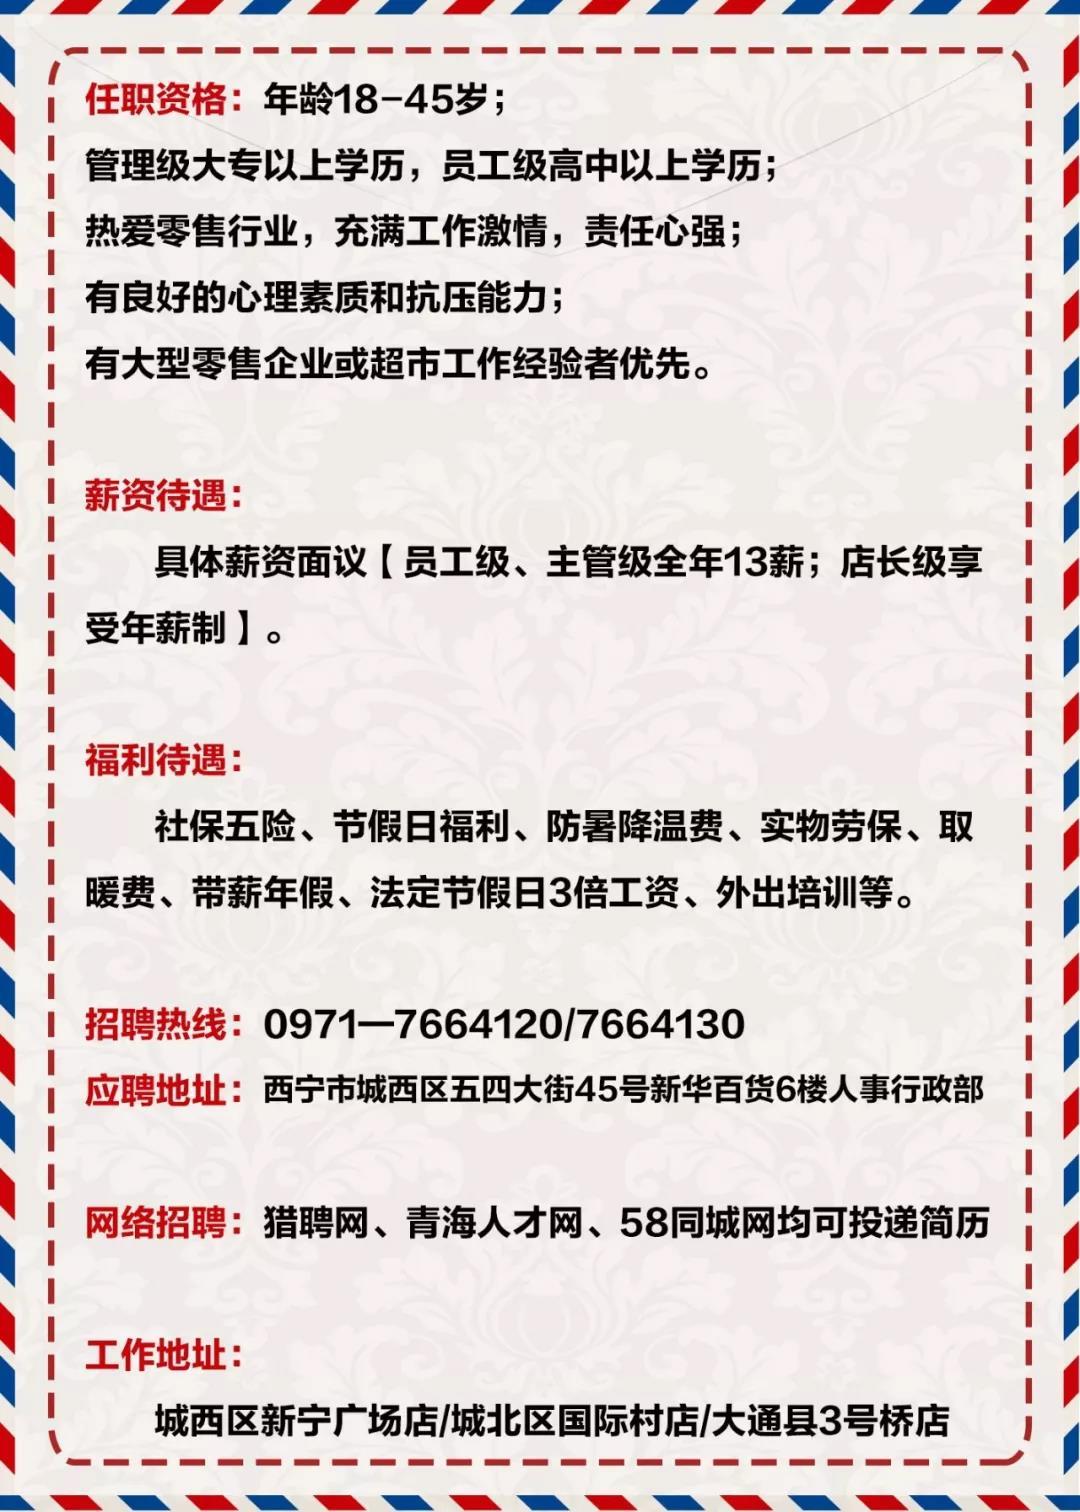 青海新华百货商业有限公司2018年招聘简章